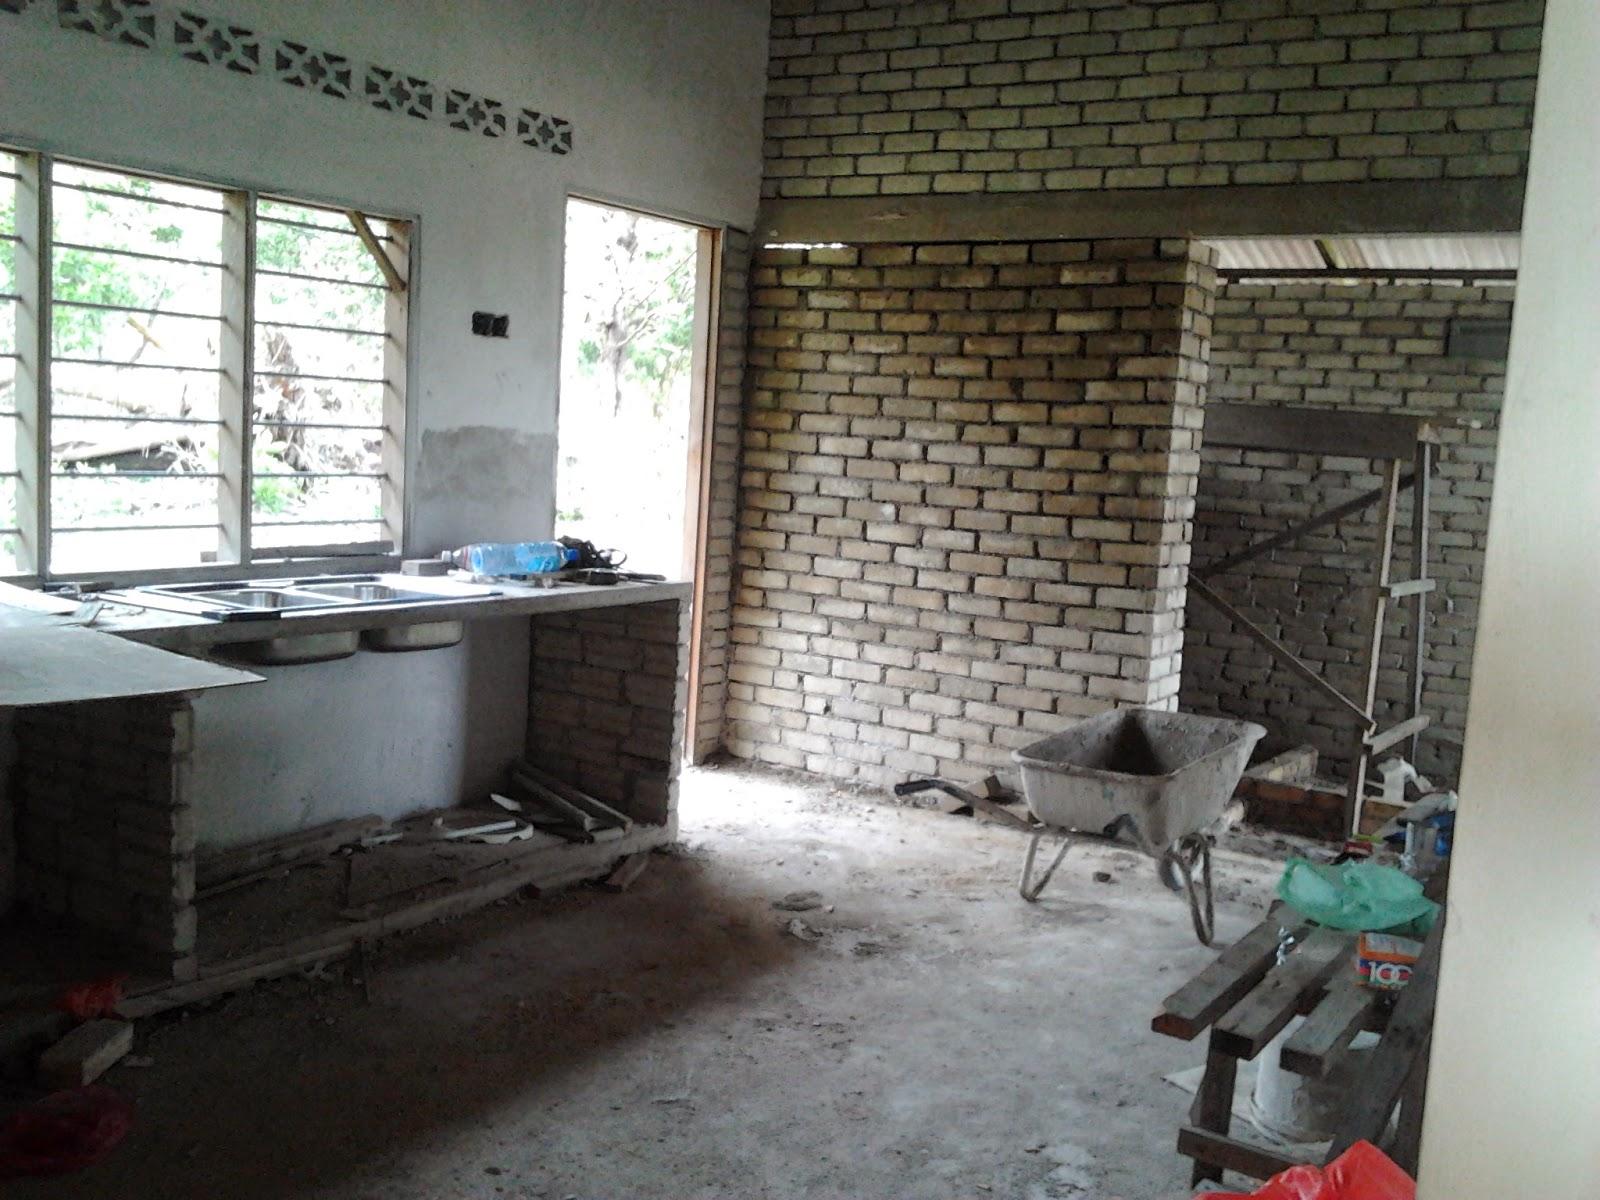 Gambar Bilik Air Rumah Kampung  Desainrumahid.com